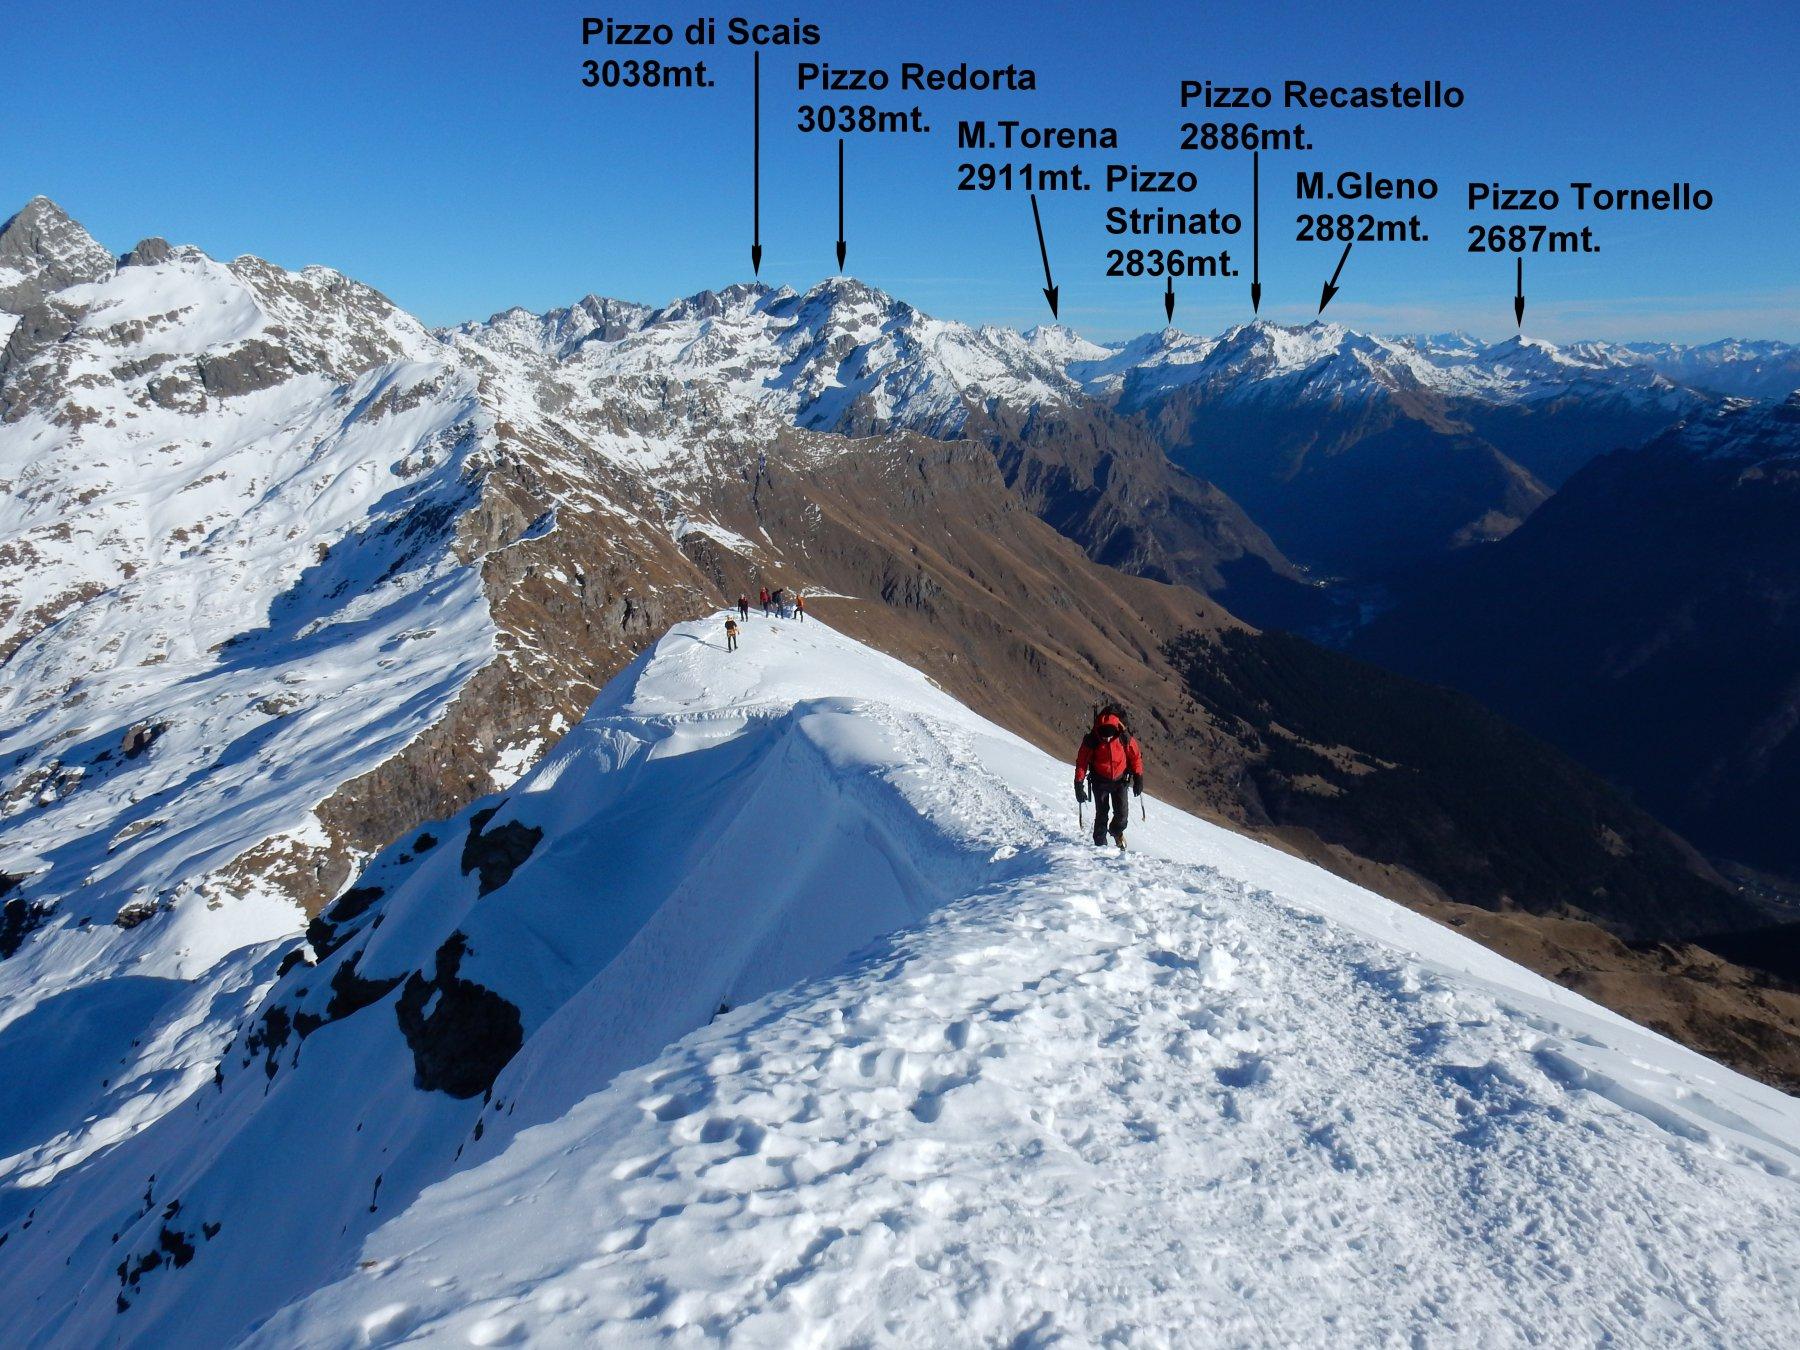 Gigi sull'ultimo breve tratto di cresta, prima della cima.